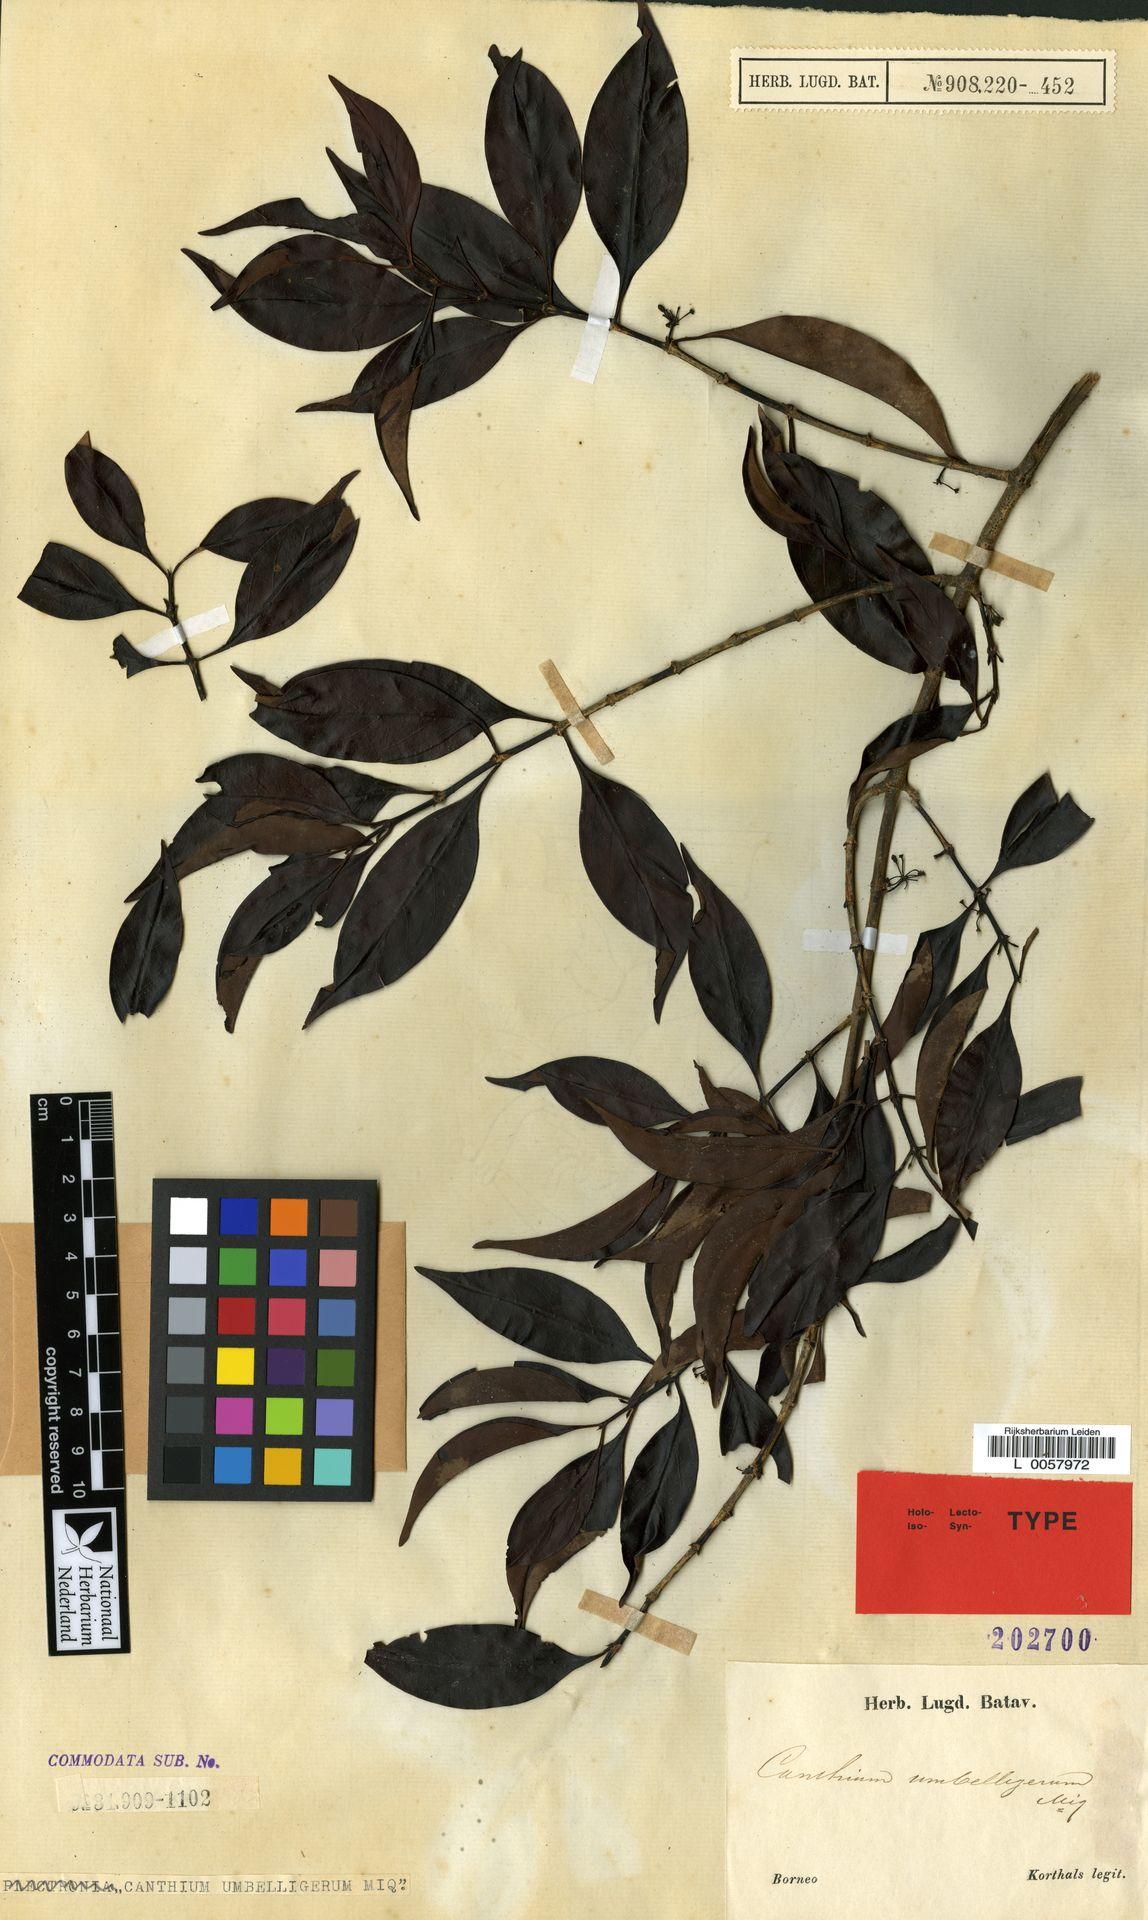 L  0057972 | Canthium umbelligerum Miq.